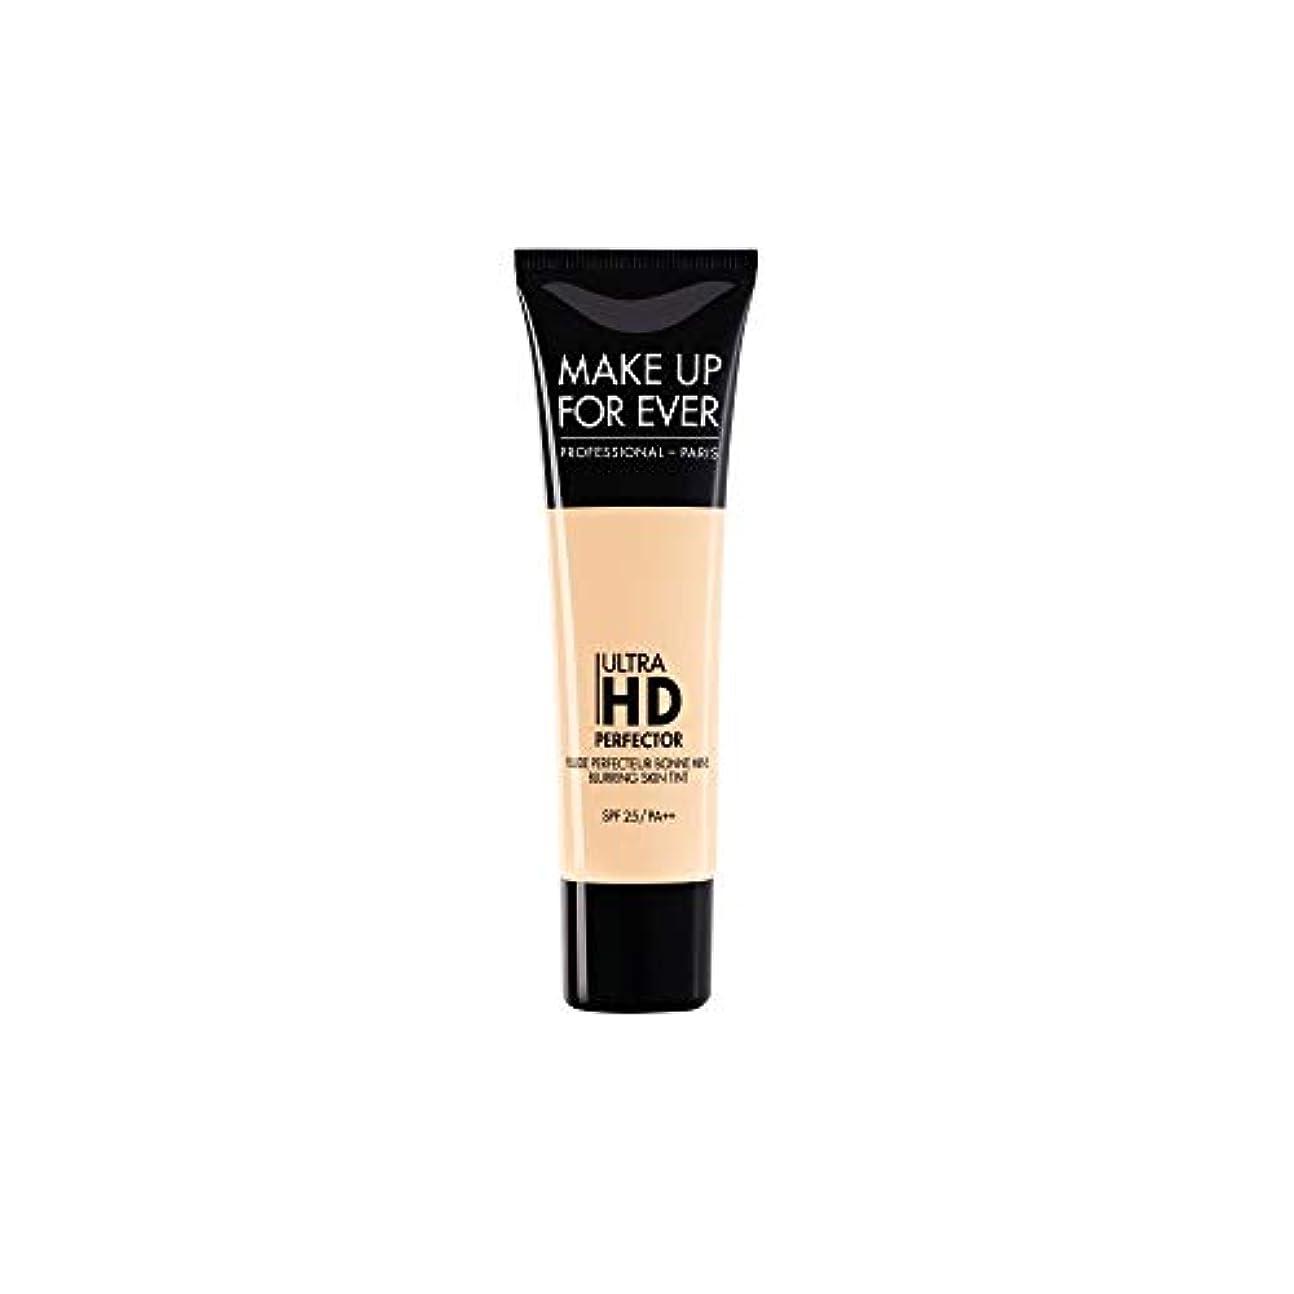 目を覚ます知事聴衆メイクアップフォーエバー Ultra HD Perfector Blurring Skin Tint SPF25 - # 01 Vanilla 30ml/1.01oz並行輸入品